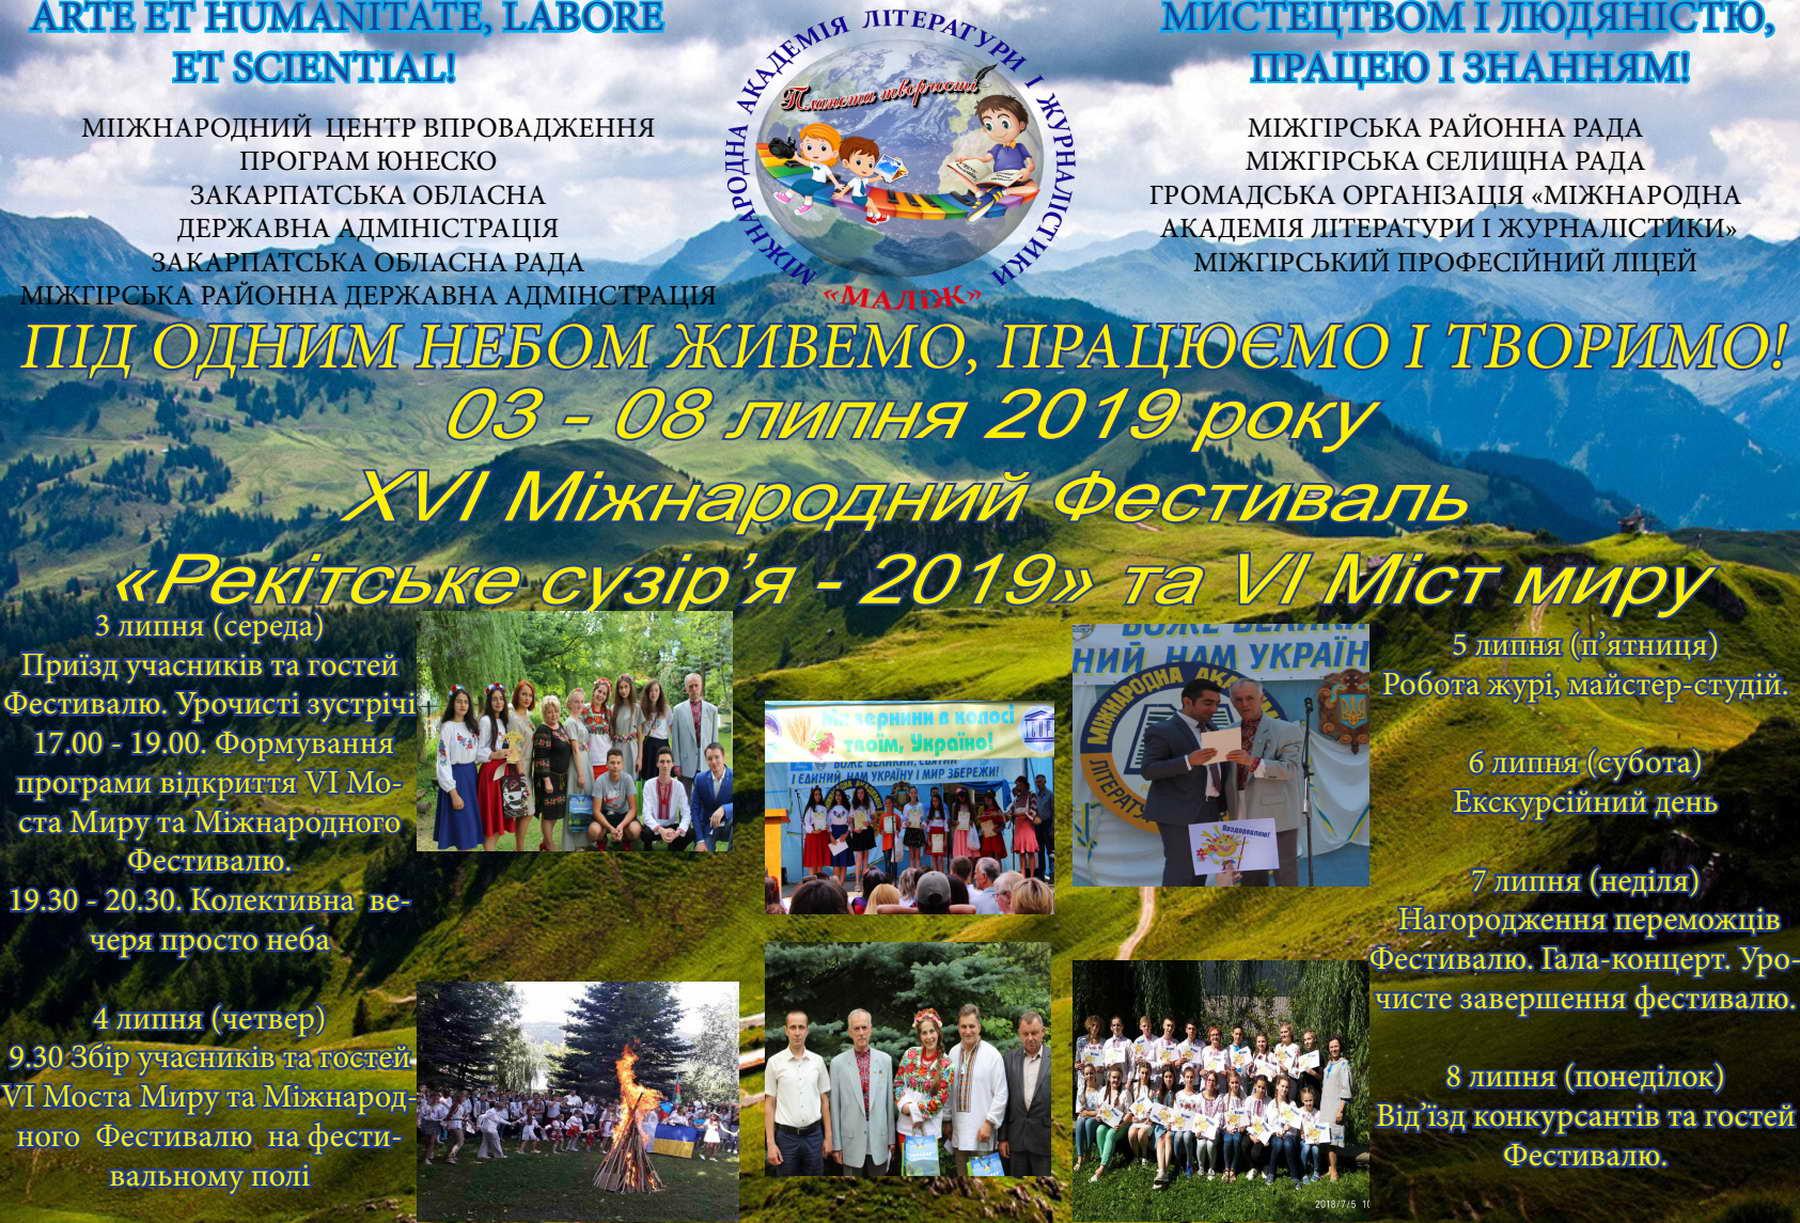 Міжнародний фестиваль Рекітське сузір'я – 2019 та VI Міст миру